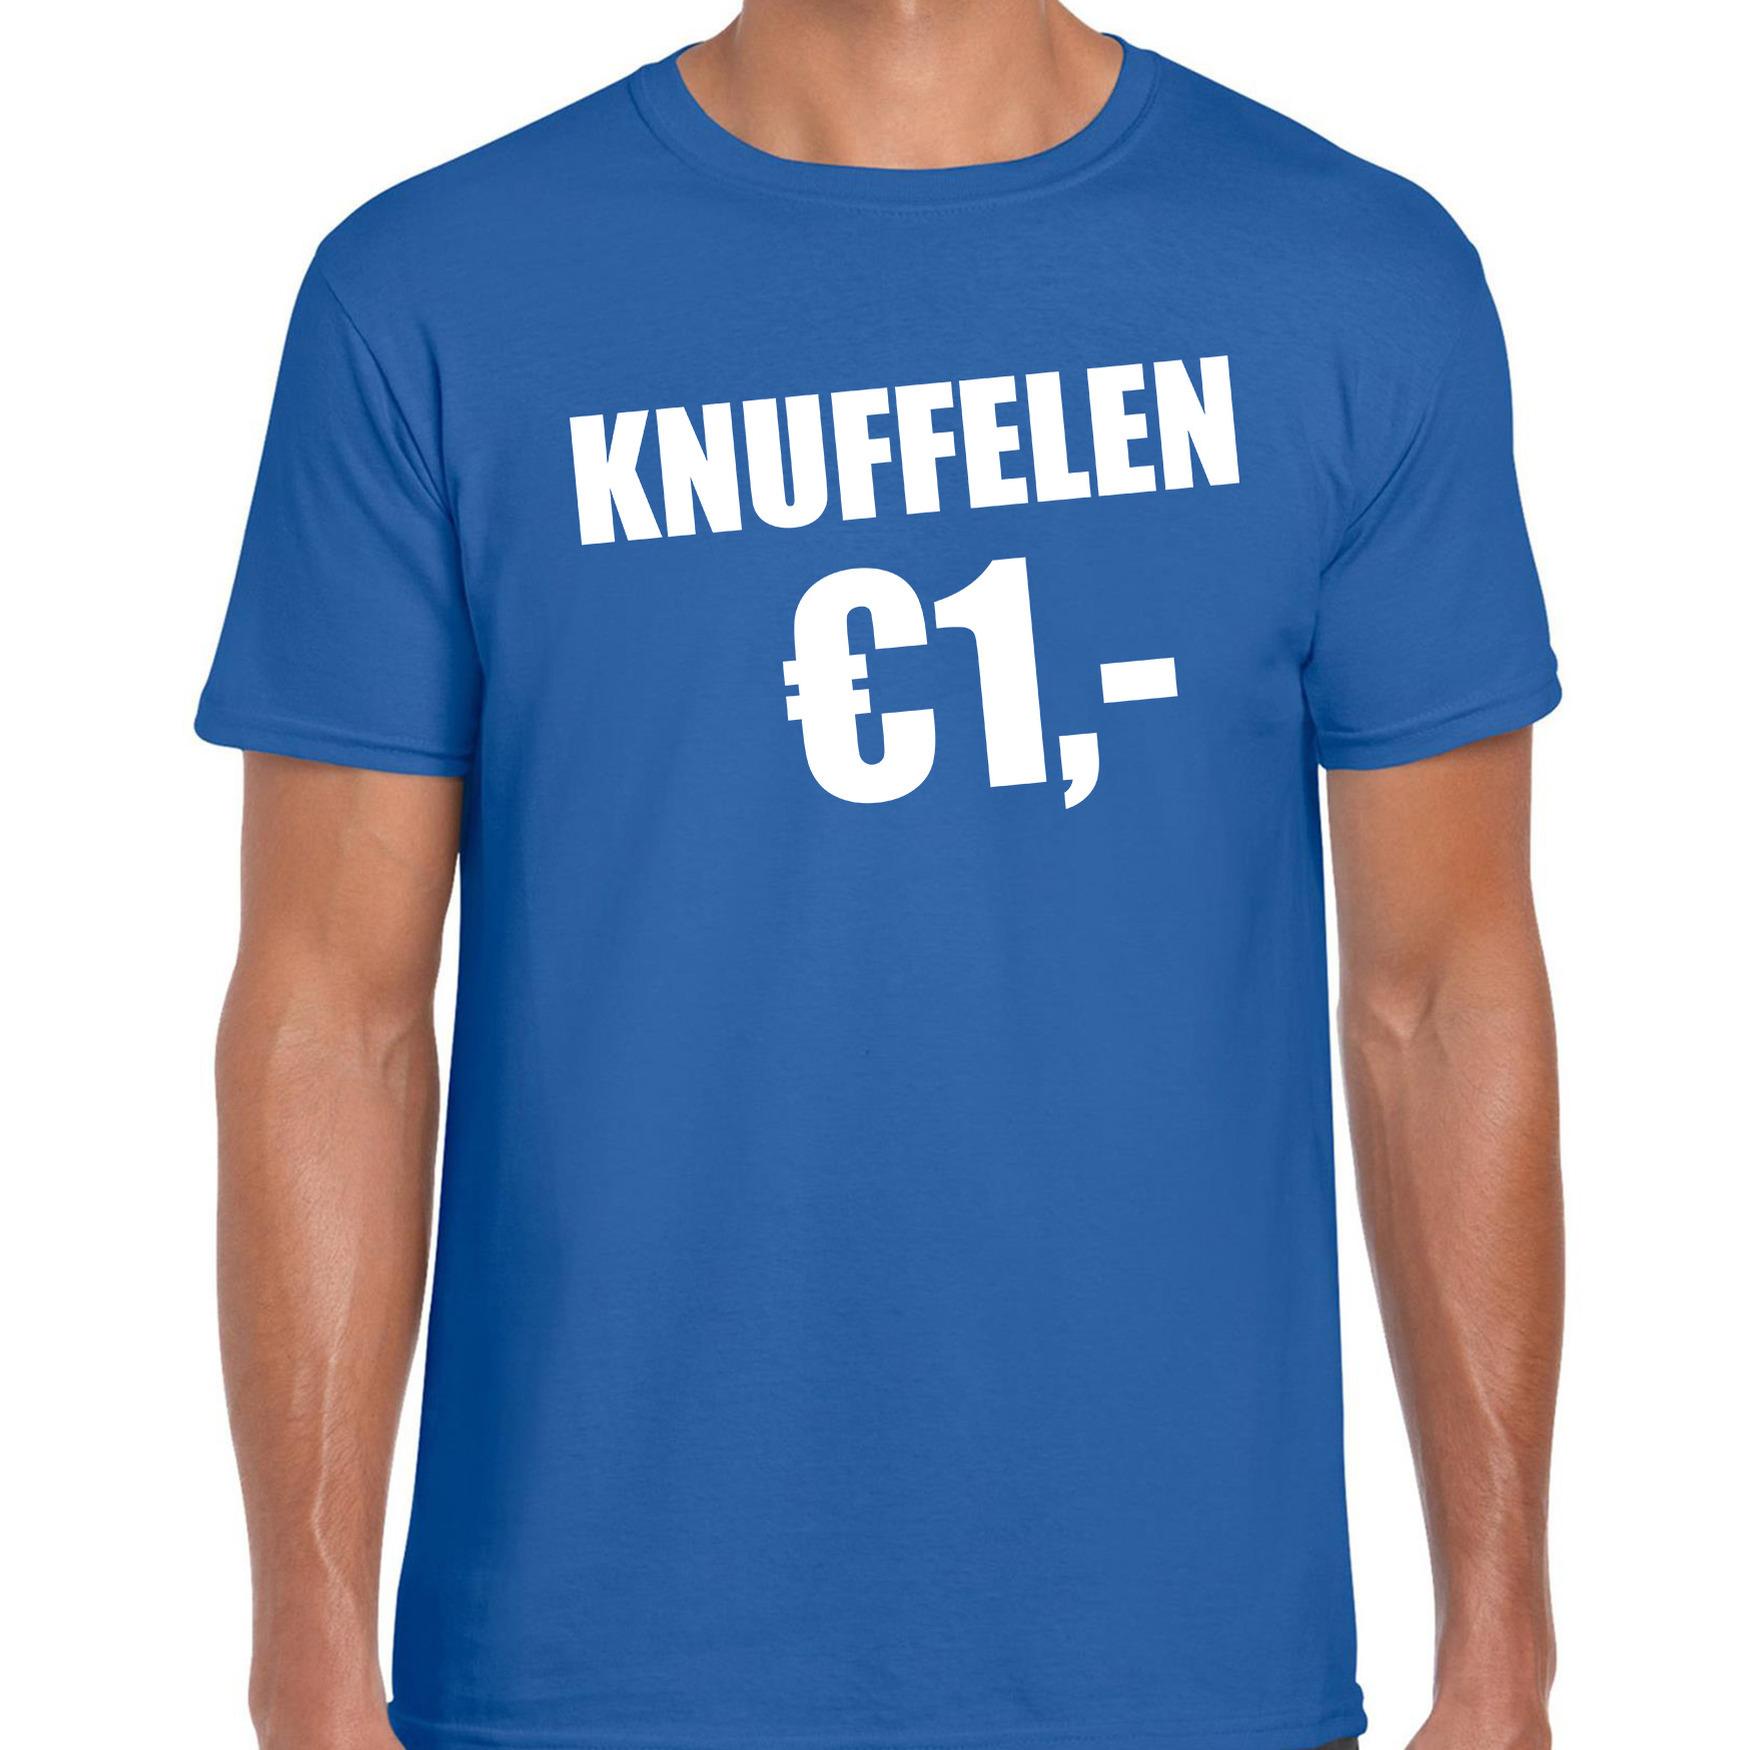 Fun t-shirt knuffelen 1 euro blauw voor heren S -